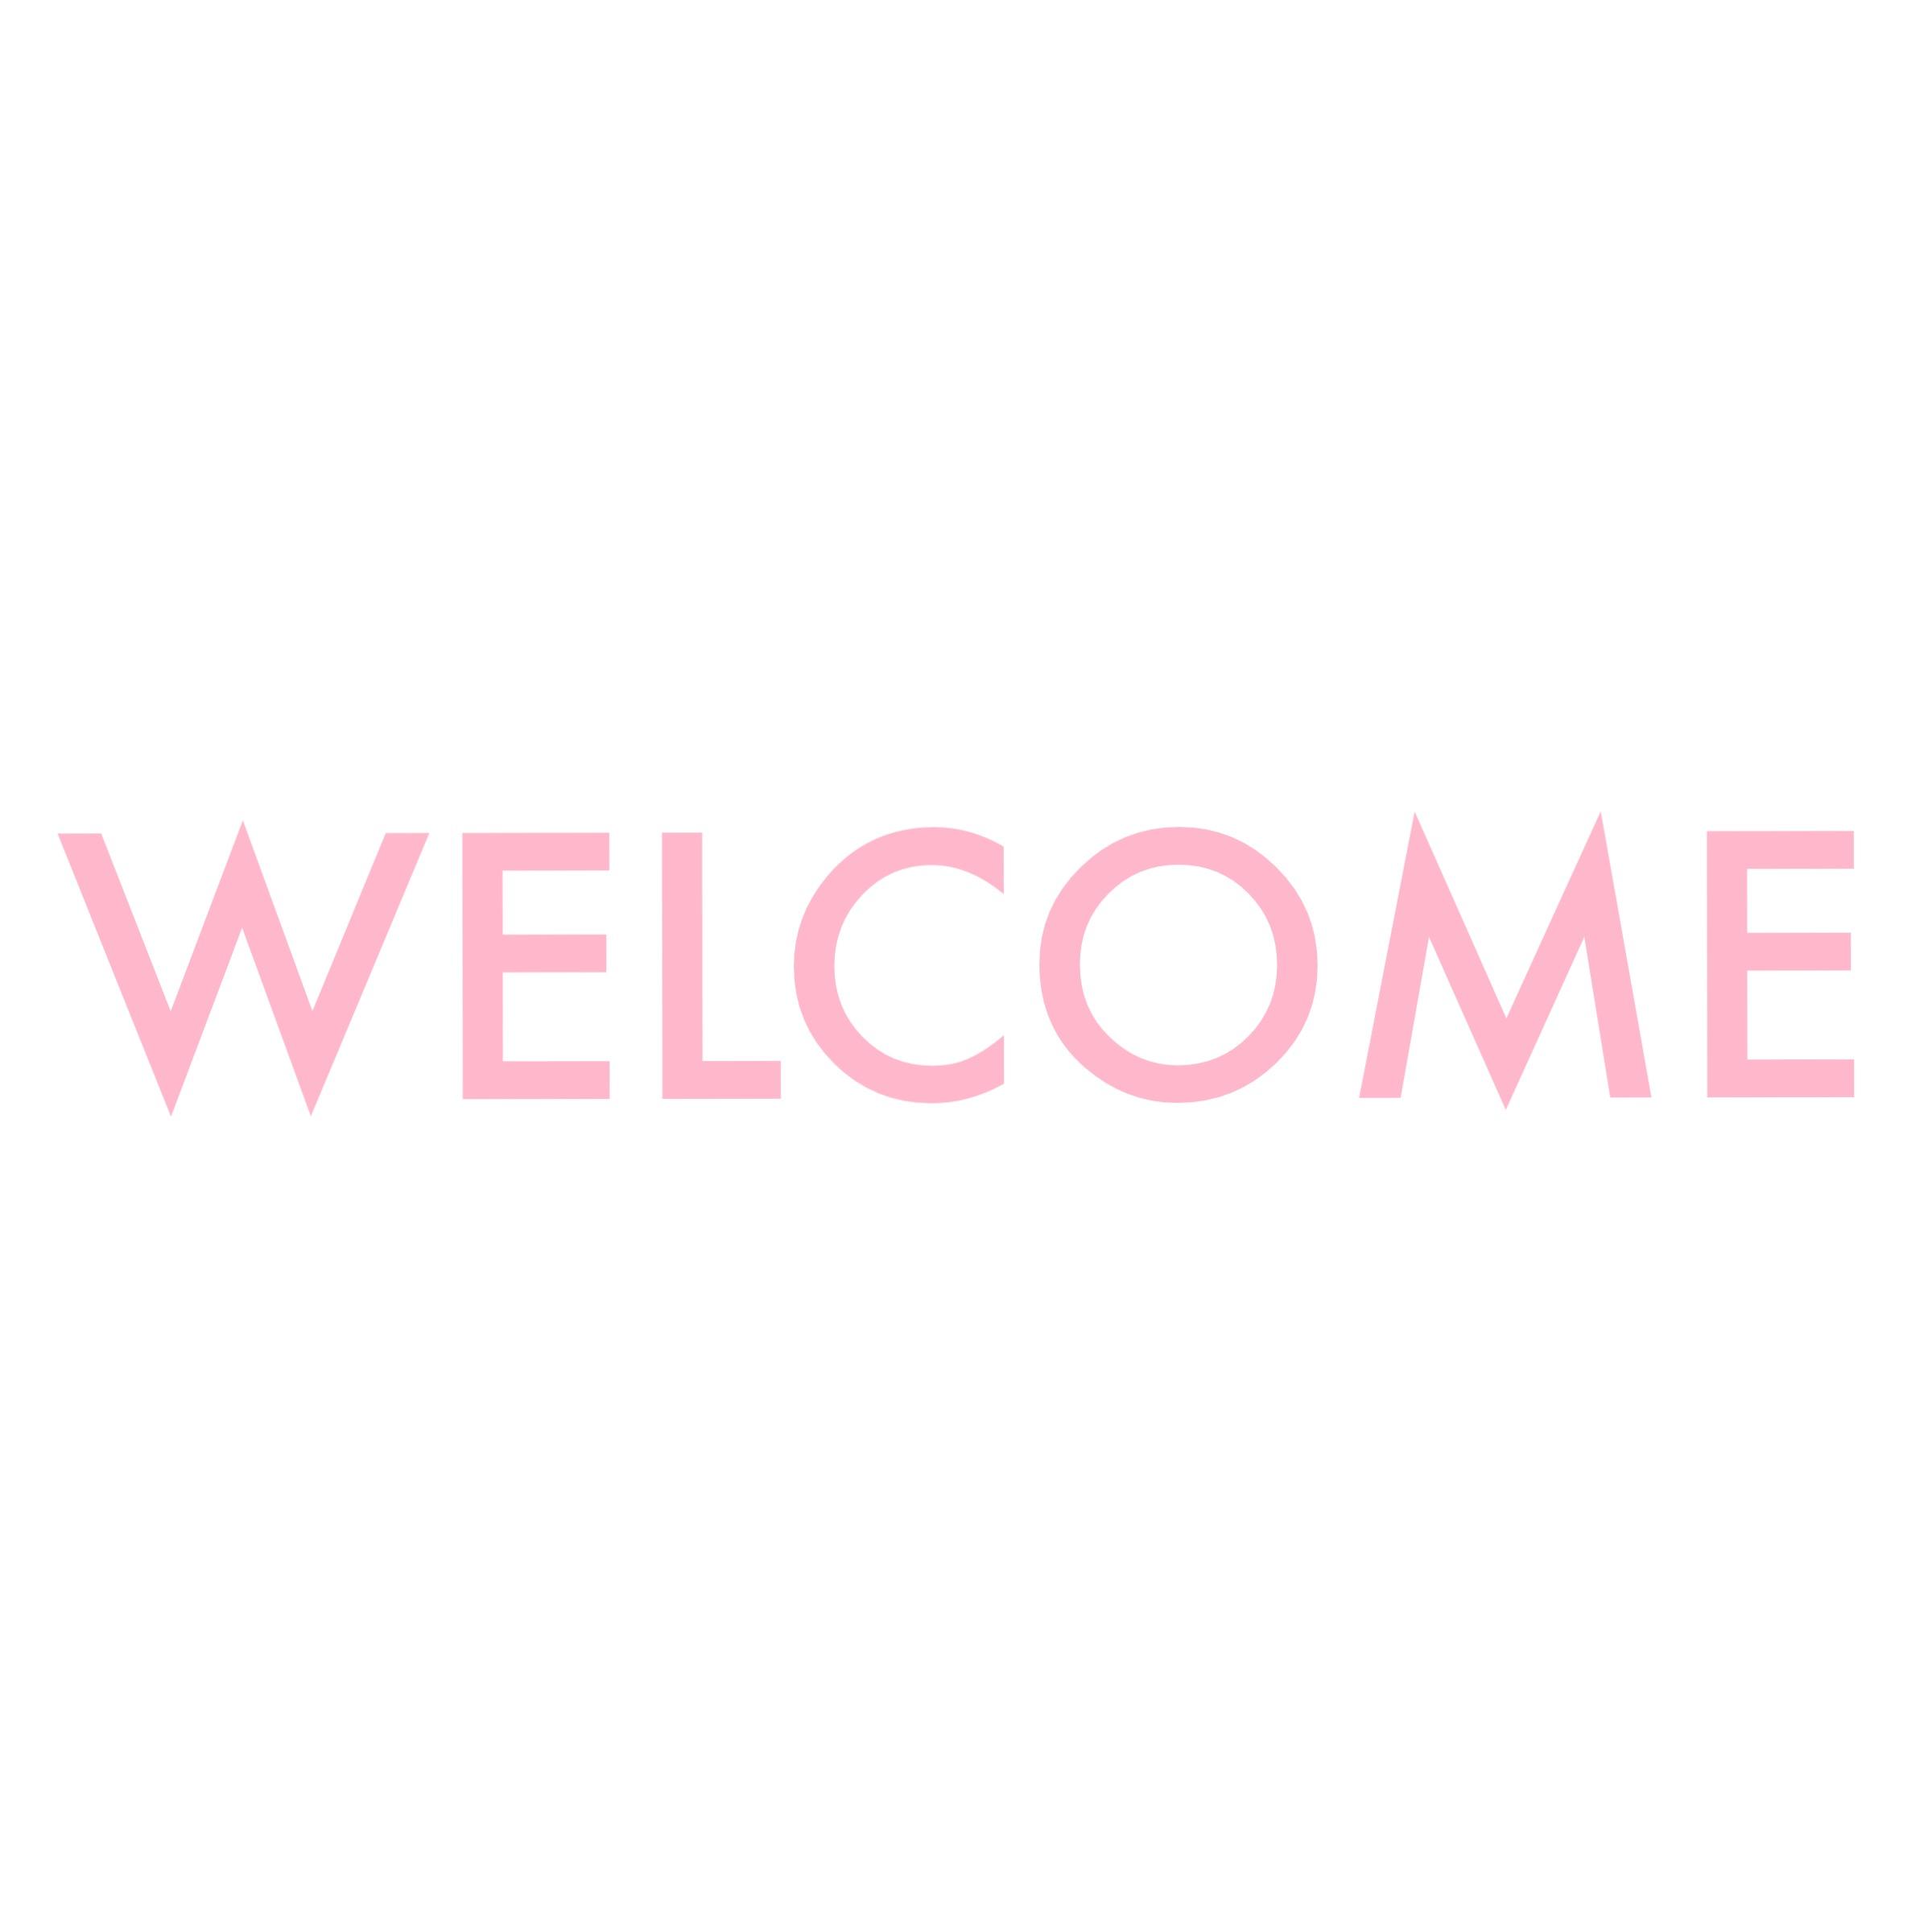 Get Reddie Style Welcome.JPG